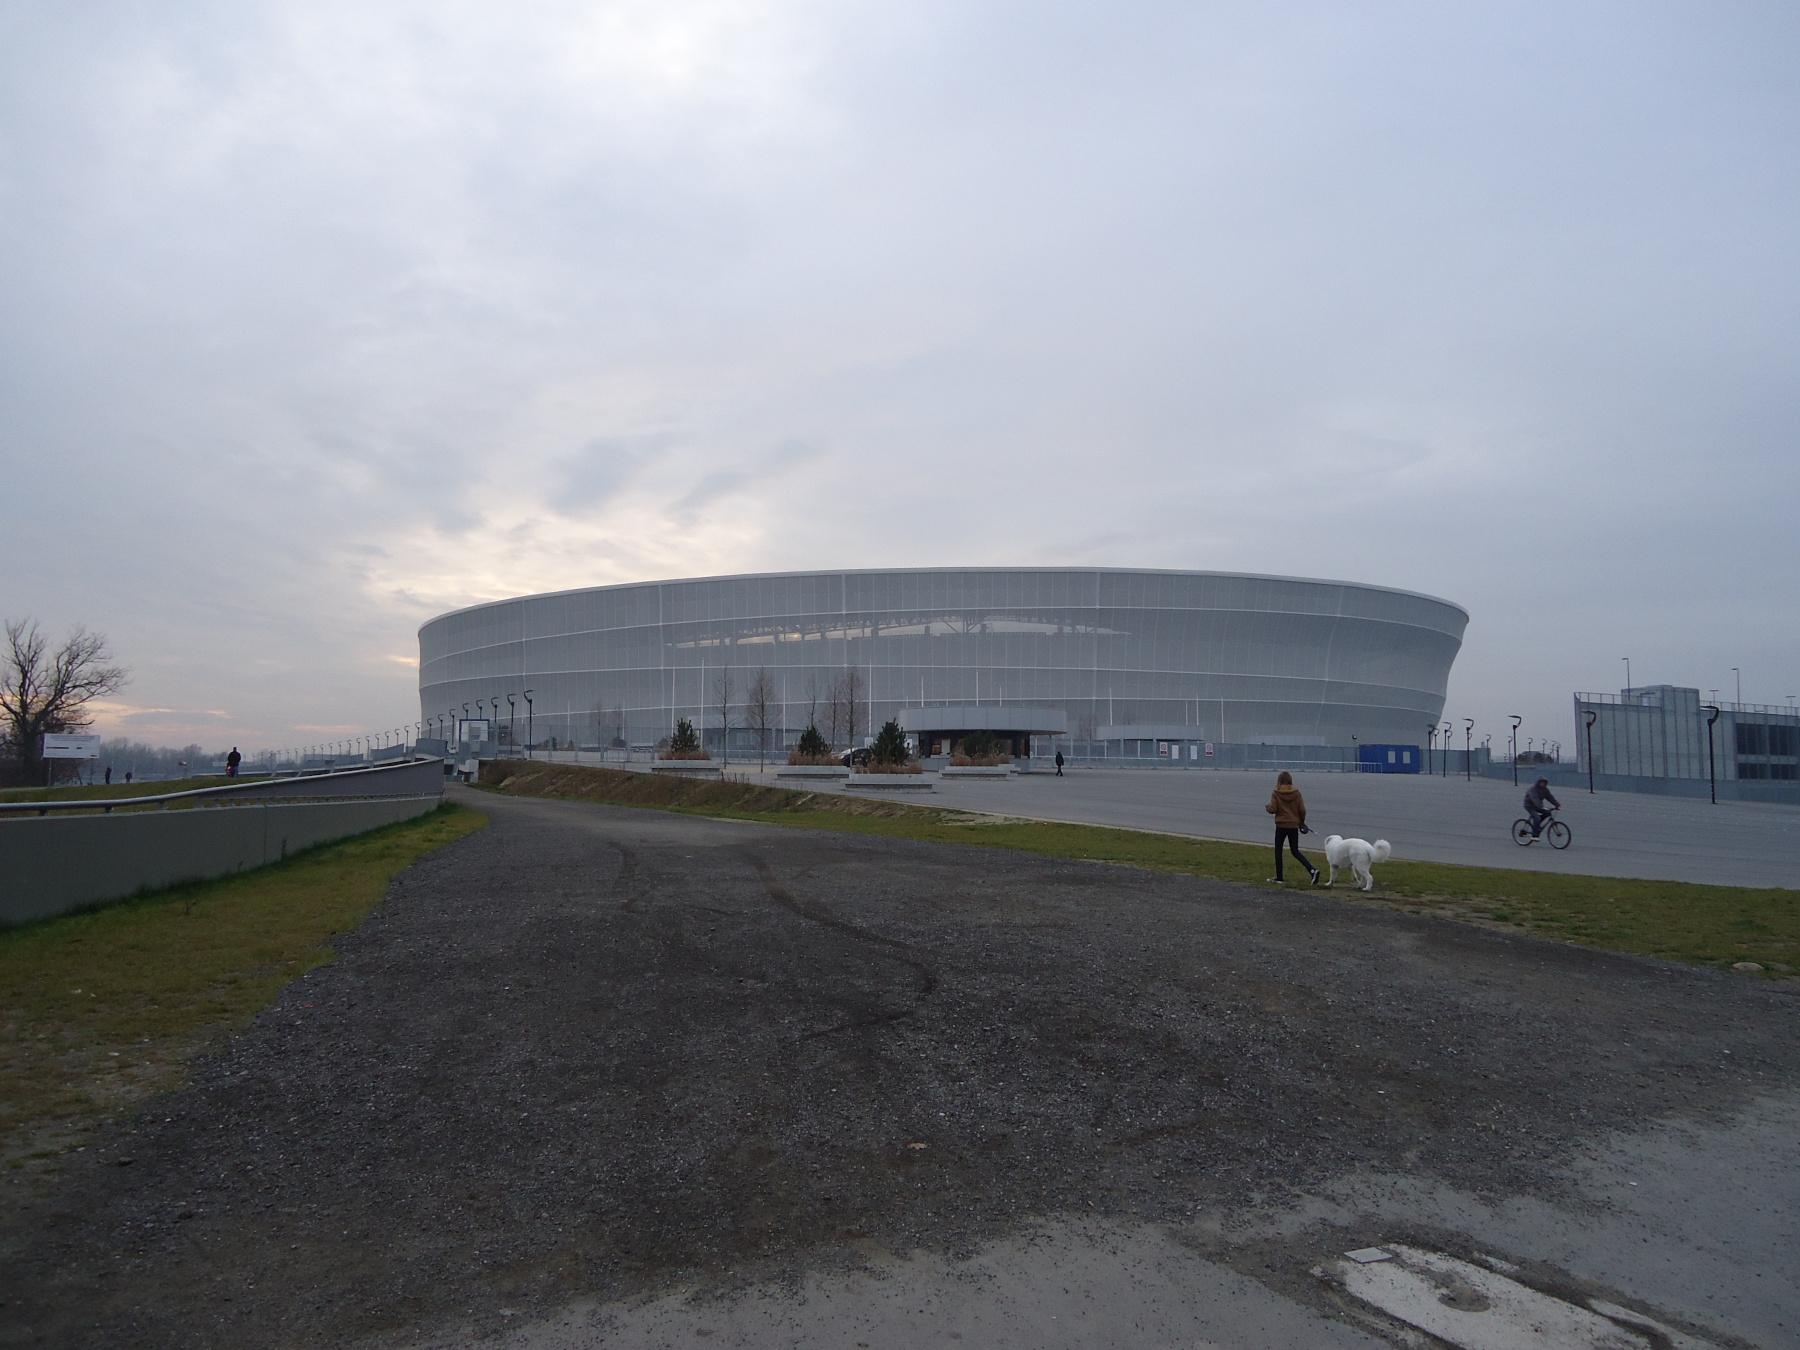 Городской стадион (Stadion Miejski)